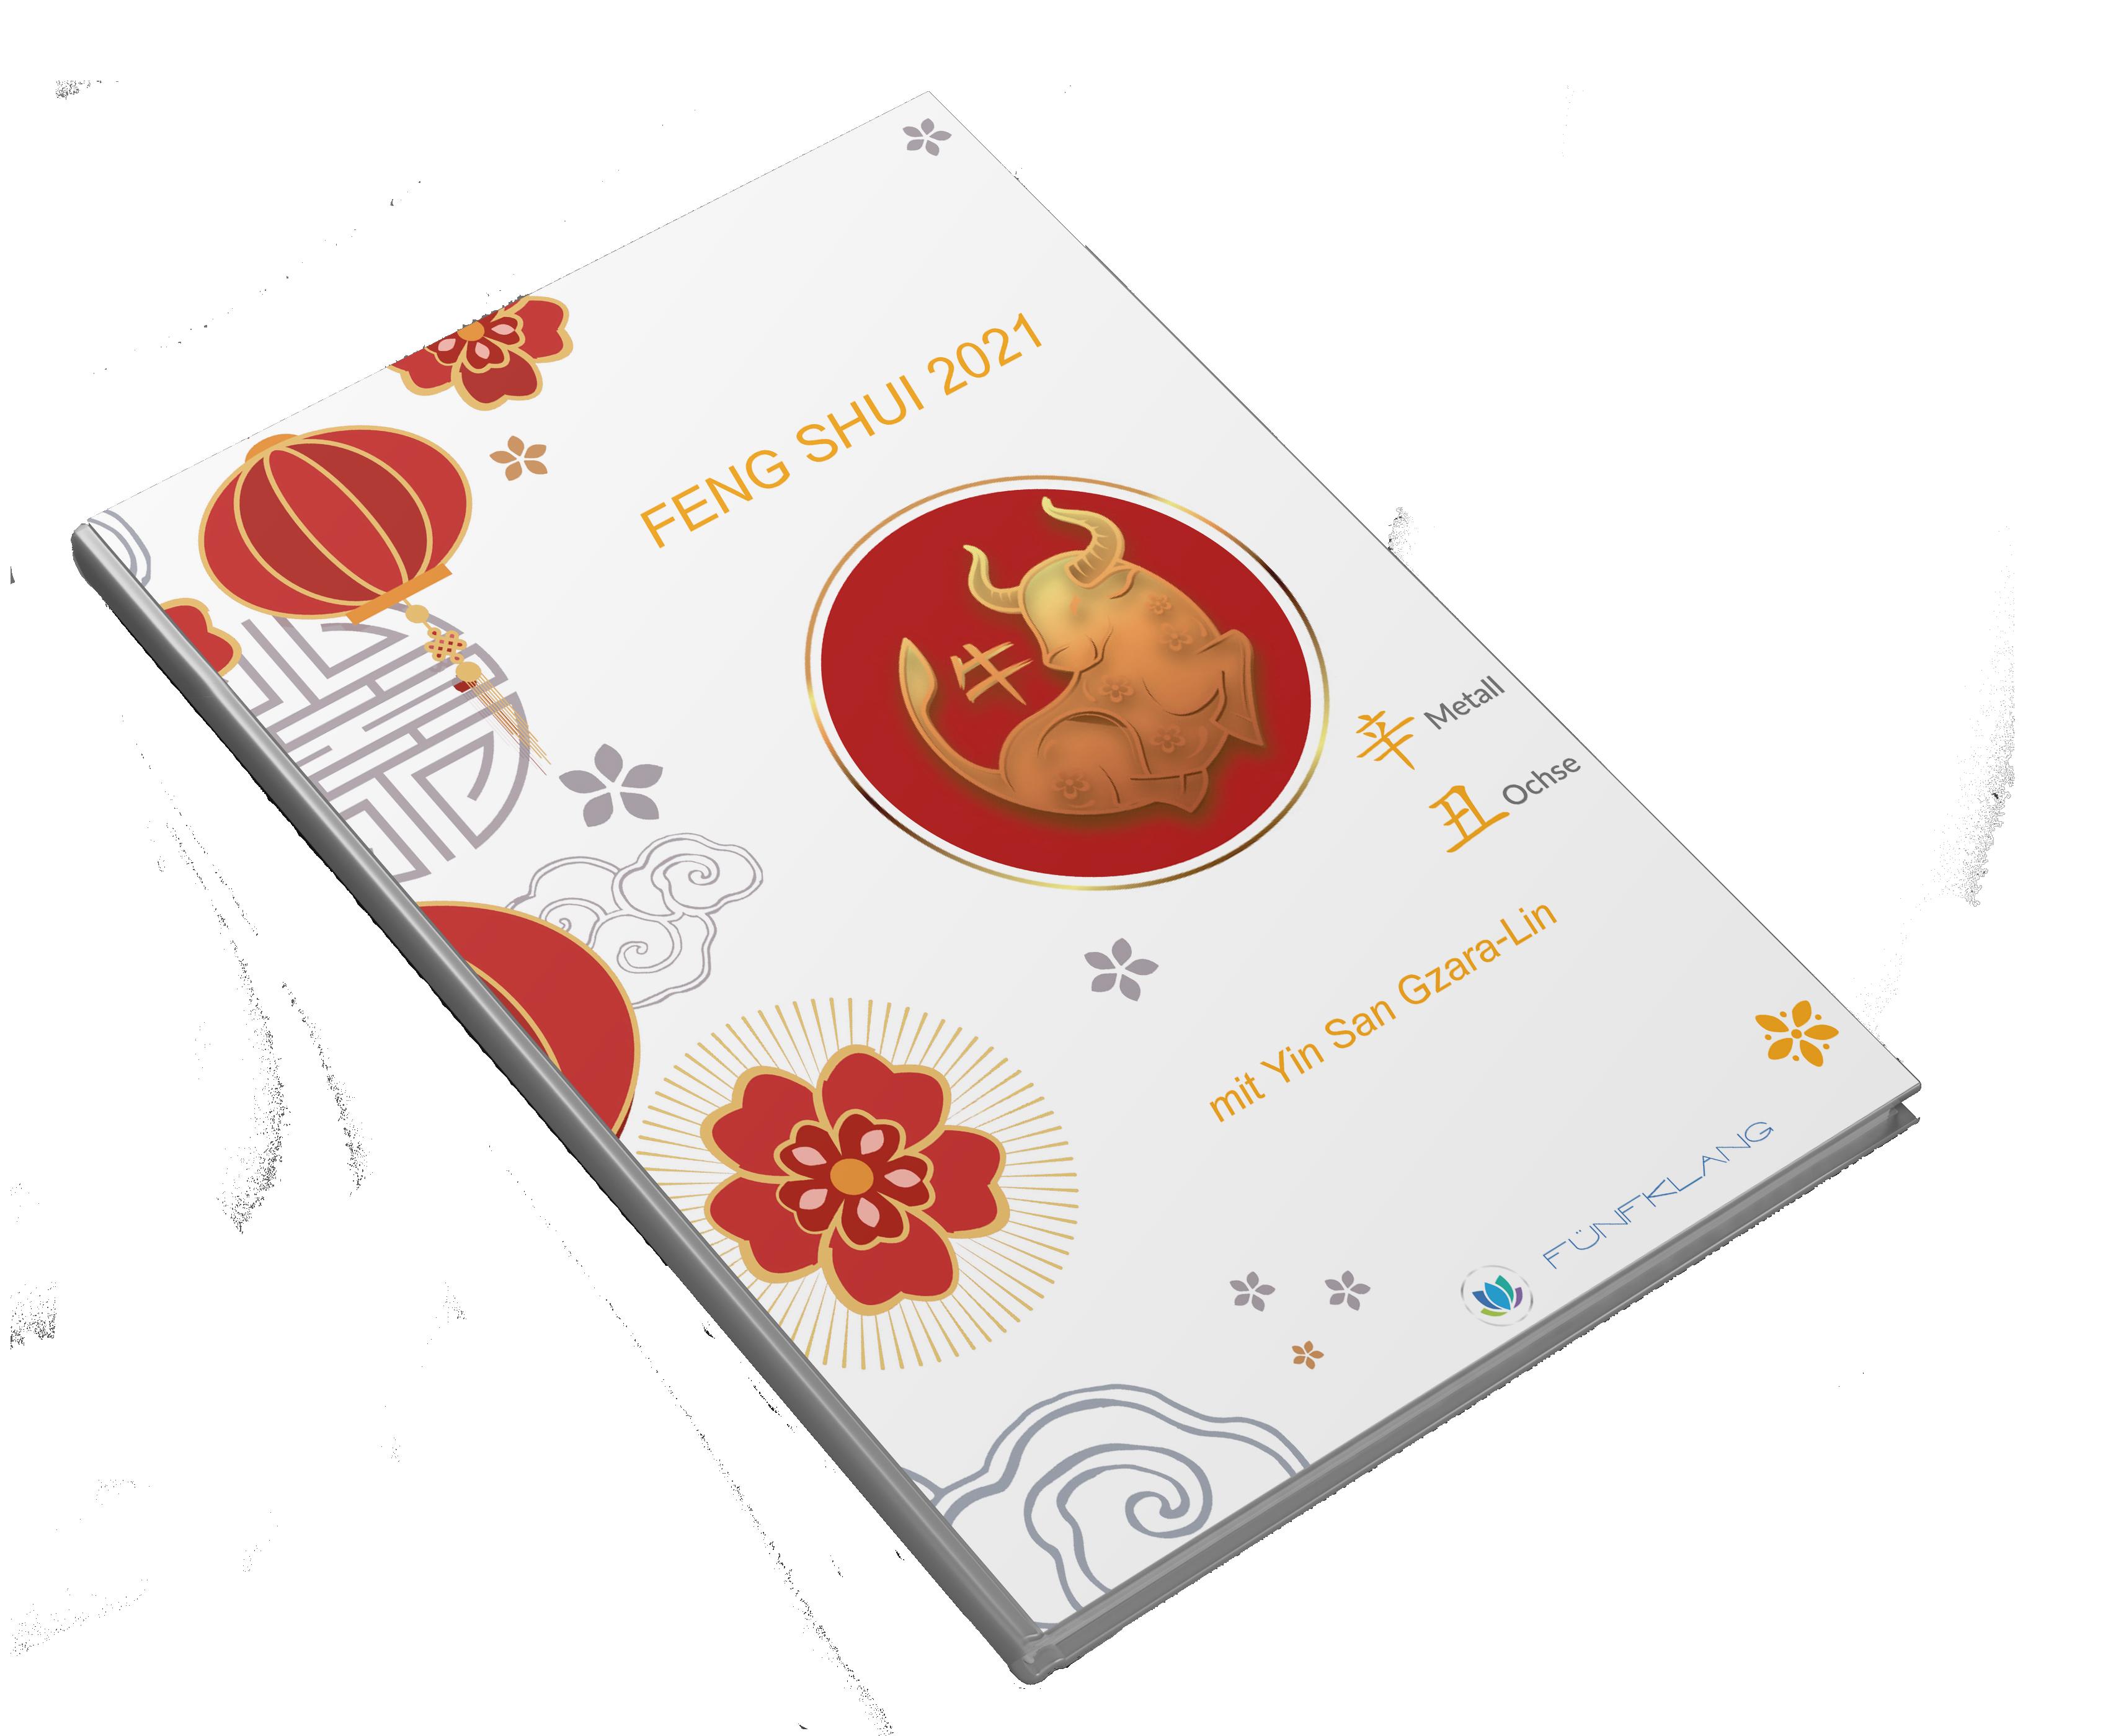 Gratis Feng Shui E-Book zu den fliegenden Sternen 2021